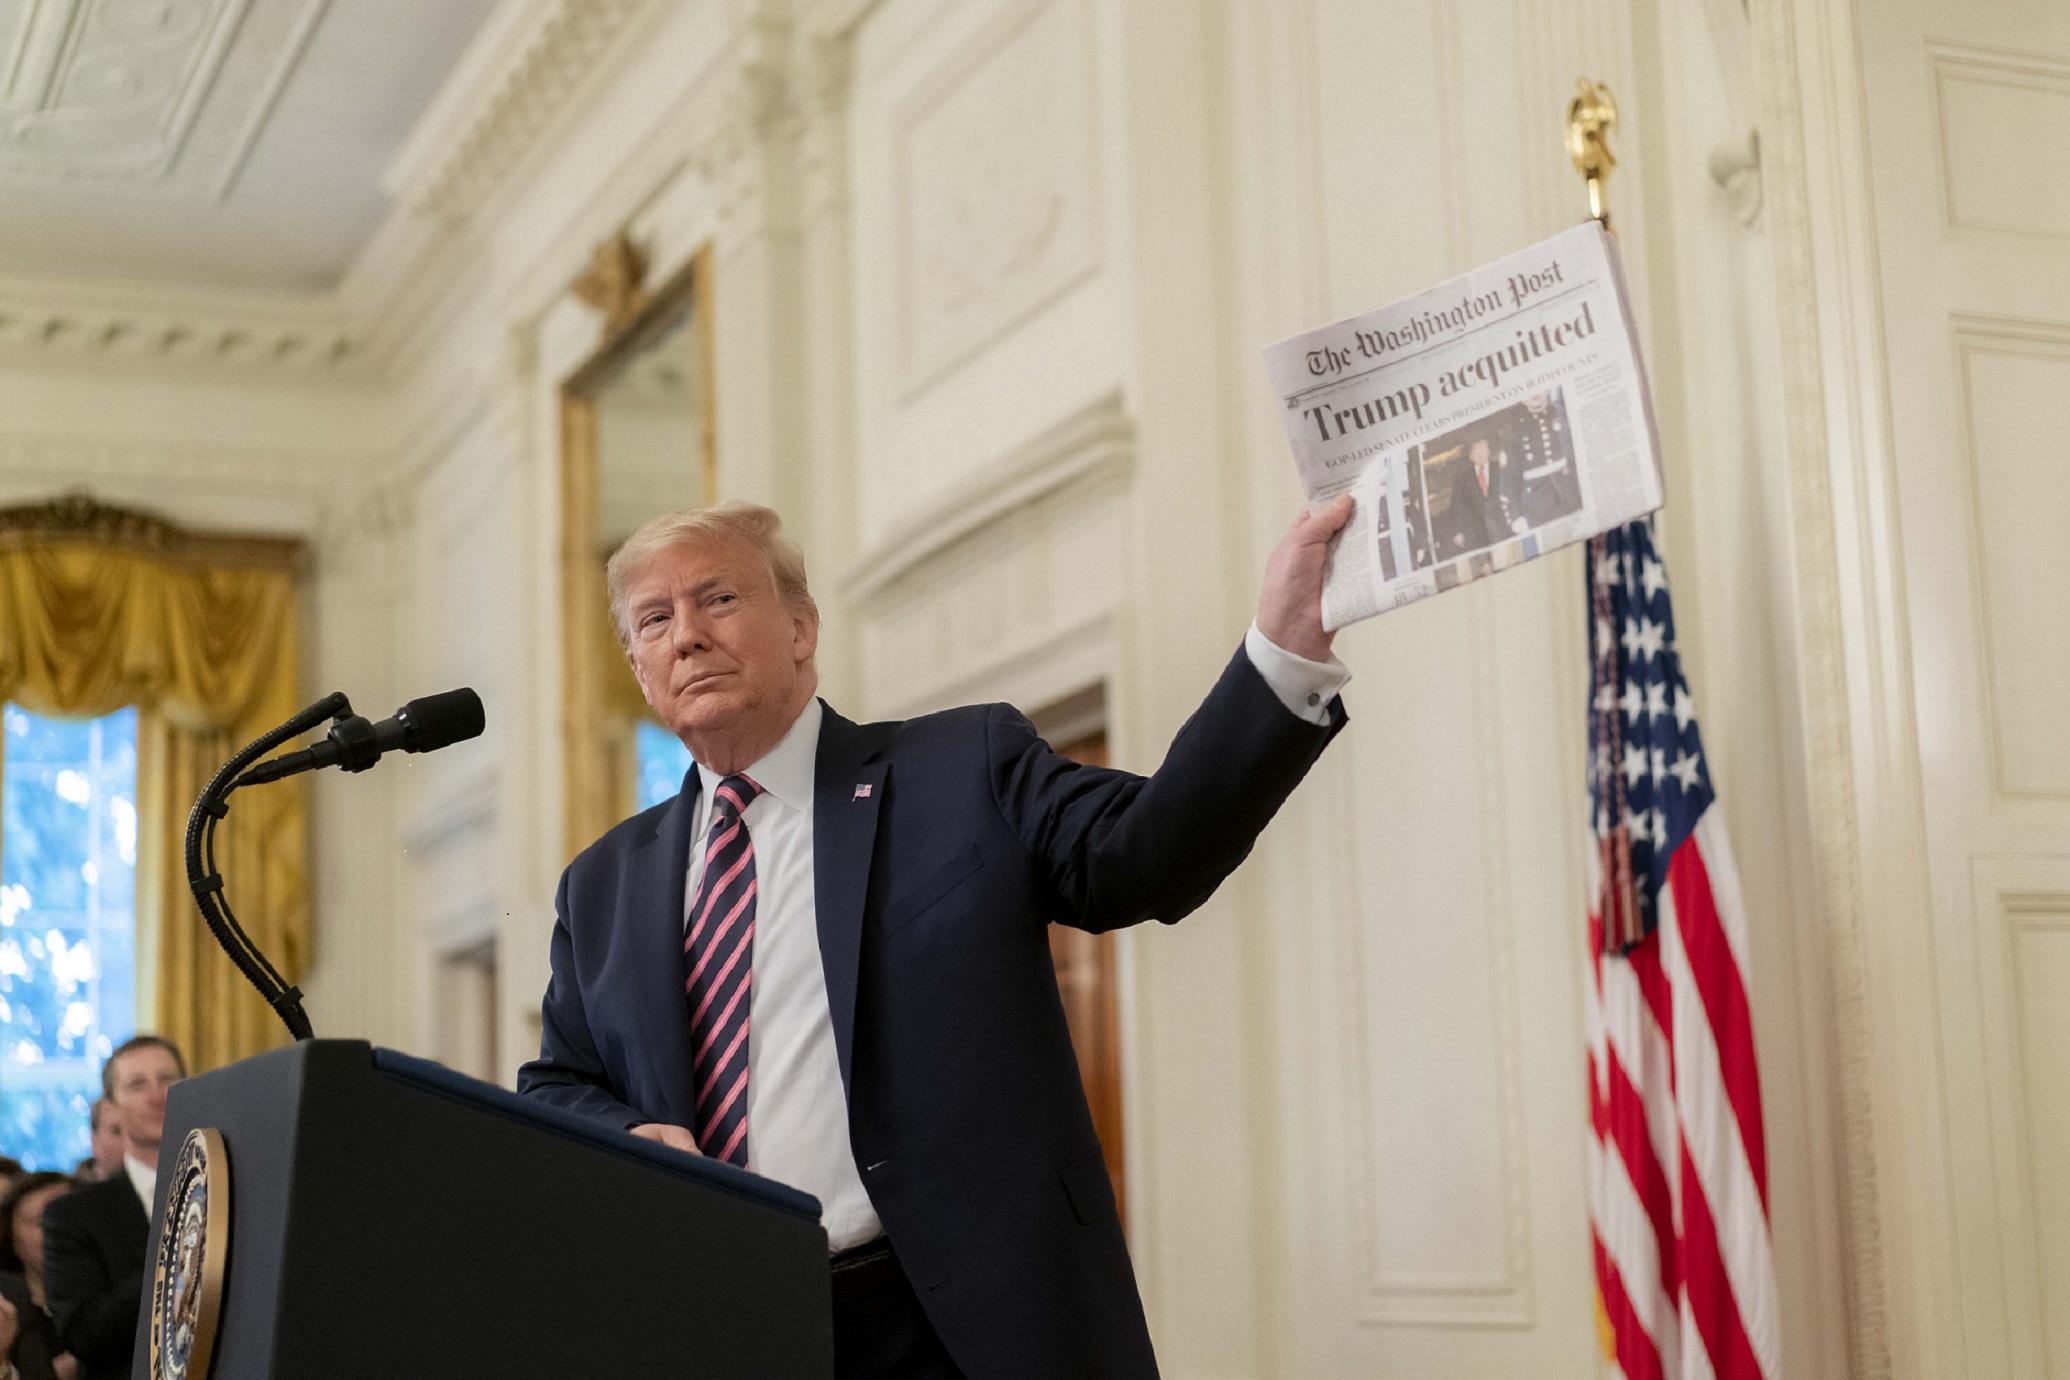 El presidente Donald J. Trump muestra el titular de The Washington Post durante su discurso el jueves 6 de febrero de 2020 en la Sala Este de la Casa Blanca, luego de ser absuelto en el juicio de juicio político del Senado de los Estados Unidos el día anterior. Foto oficial de la Casa Blanca por D. Myles Cullen